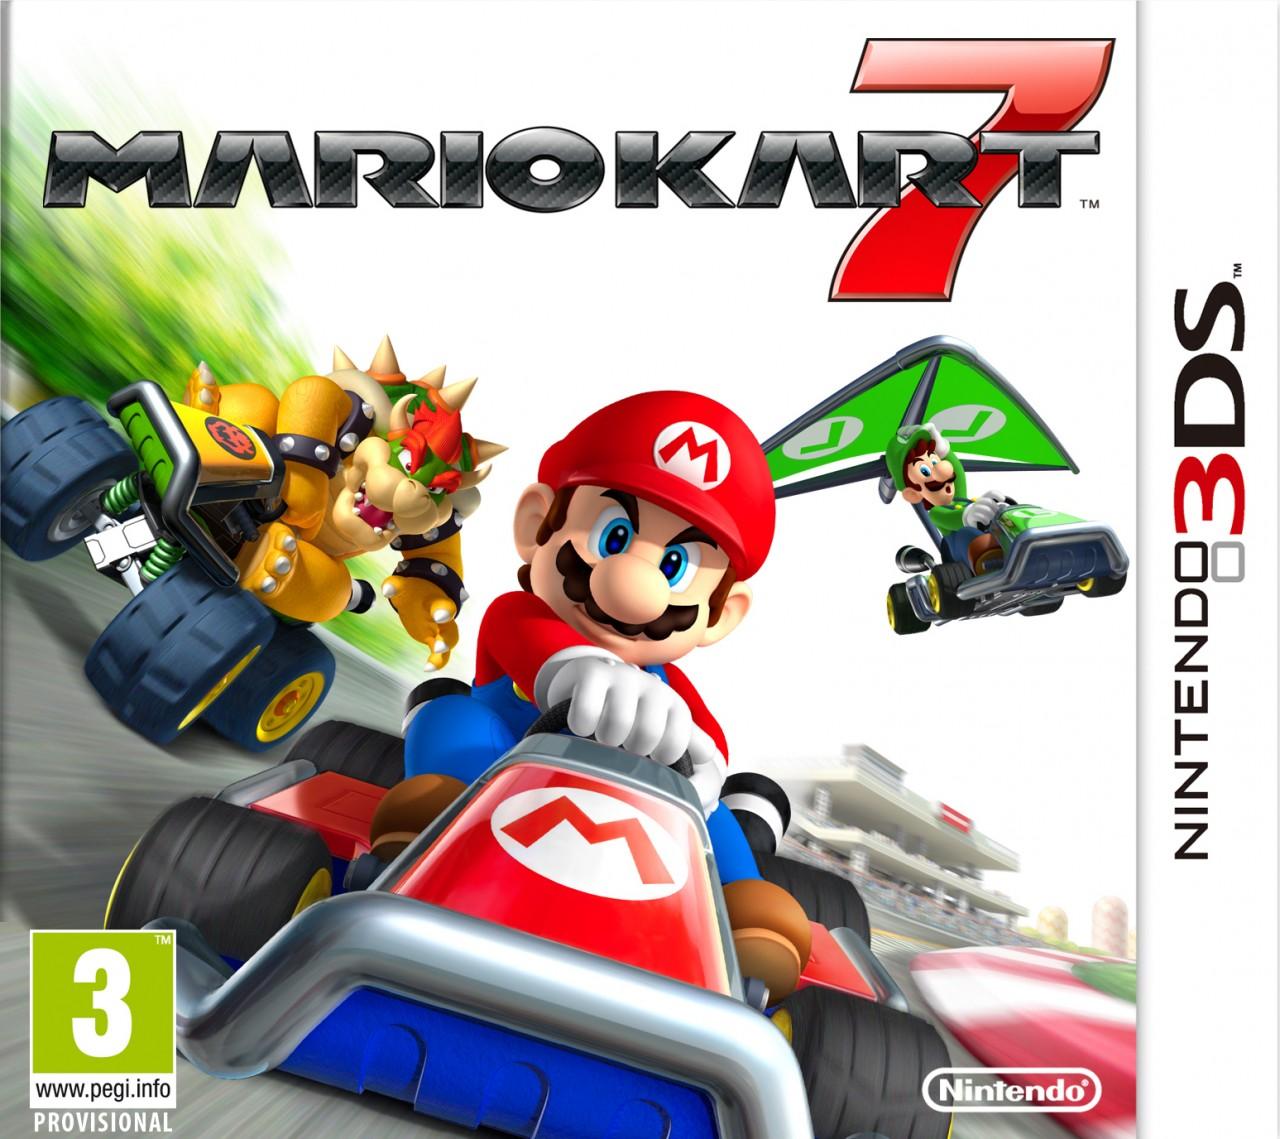 http://i.jeuxactus.com/datas/jeu/m/a/mario-kart-7/xl/mario-kart-7-4e92c75fa359d.jpg